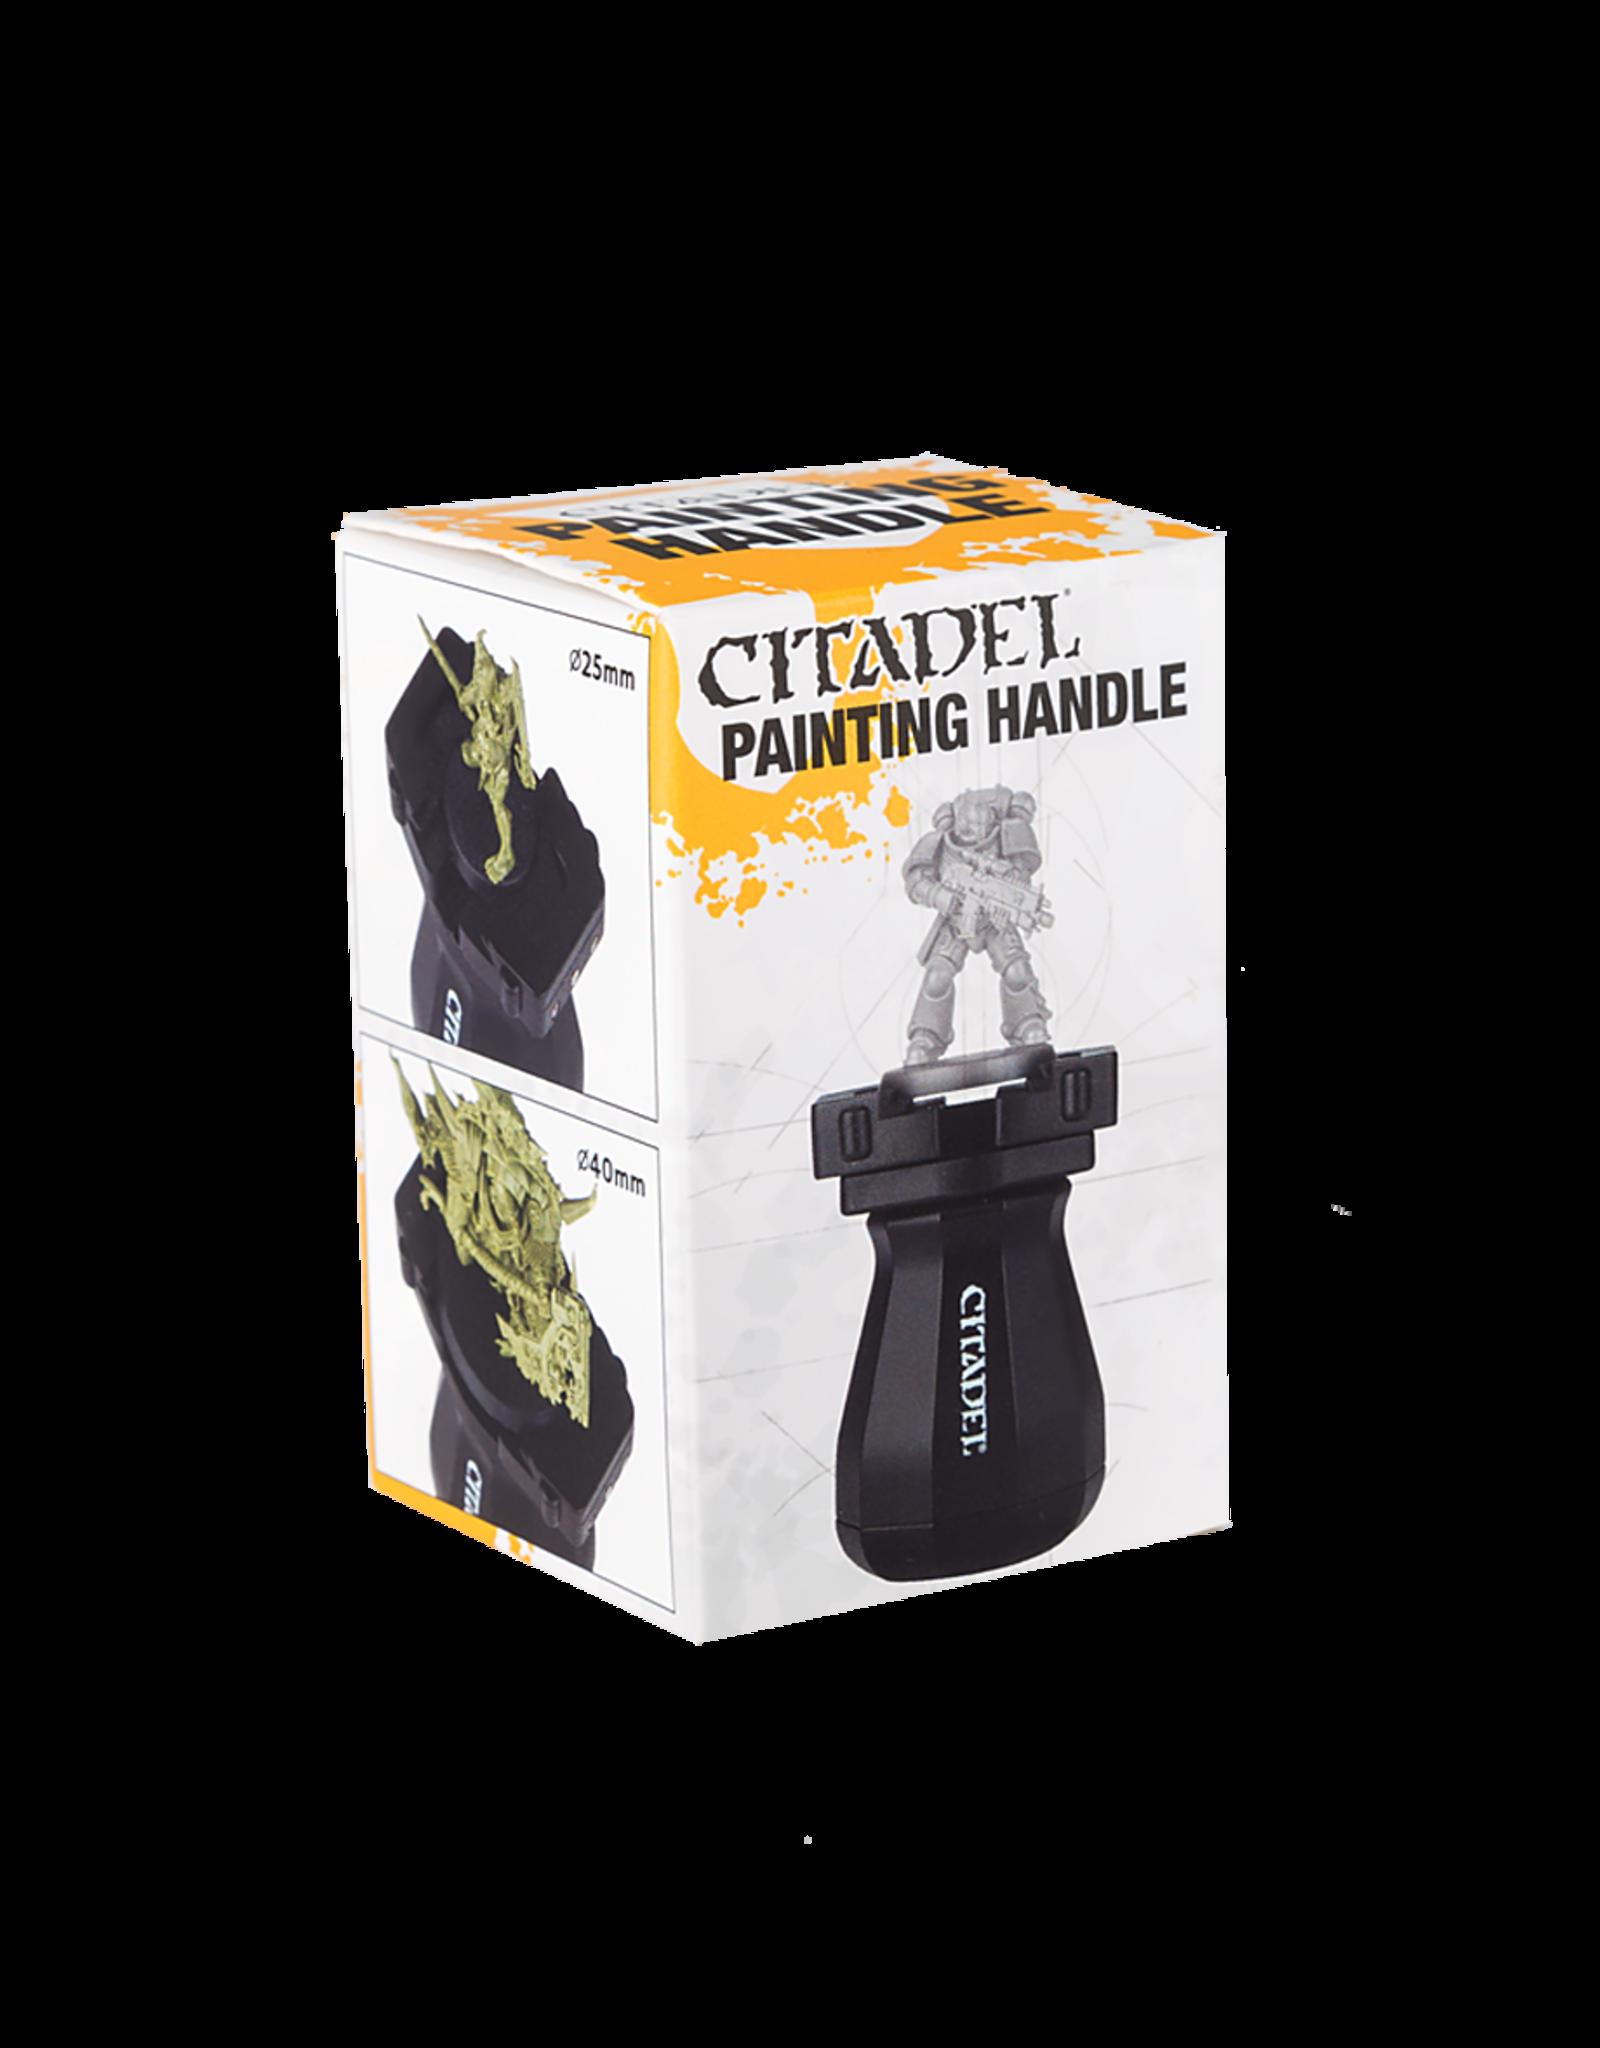 Citadel CITADEL PAINTING HANDLE